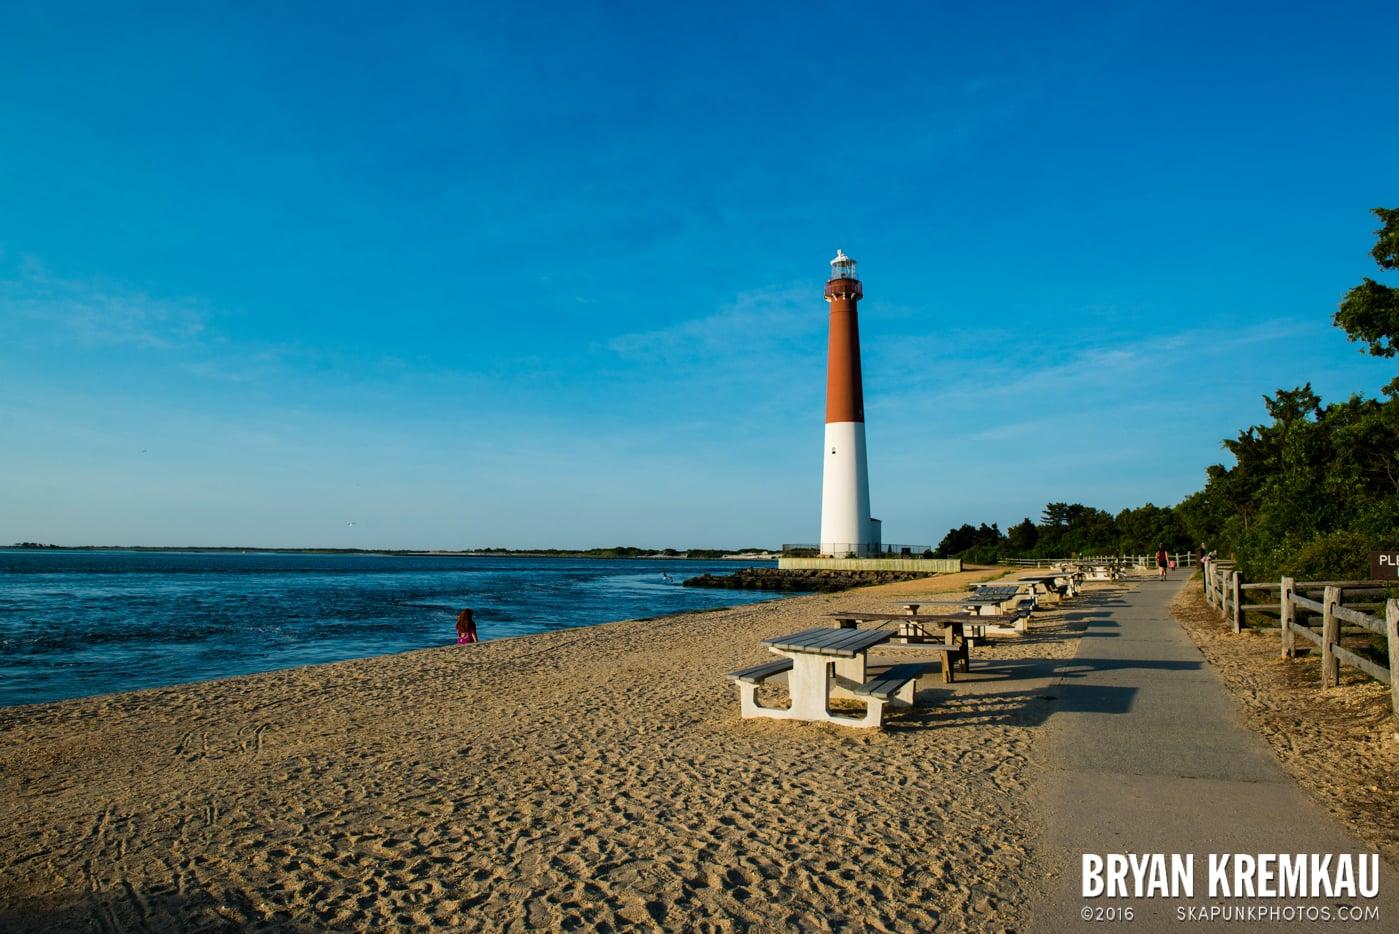 Beach Haven, Long Beach Island, NJ - 6.16.14 - 6.18.14 (29)